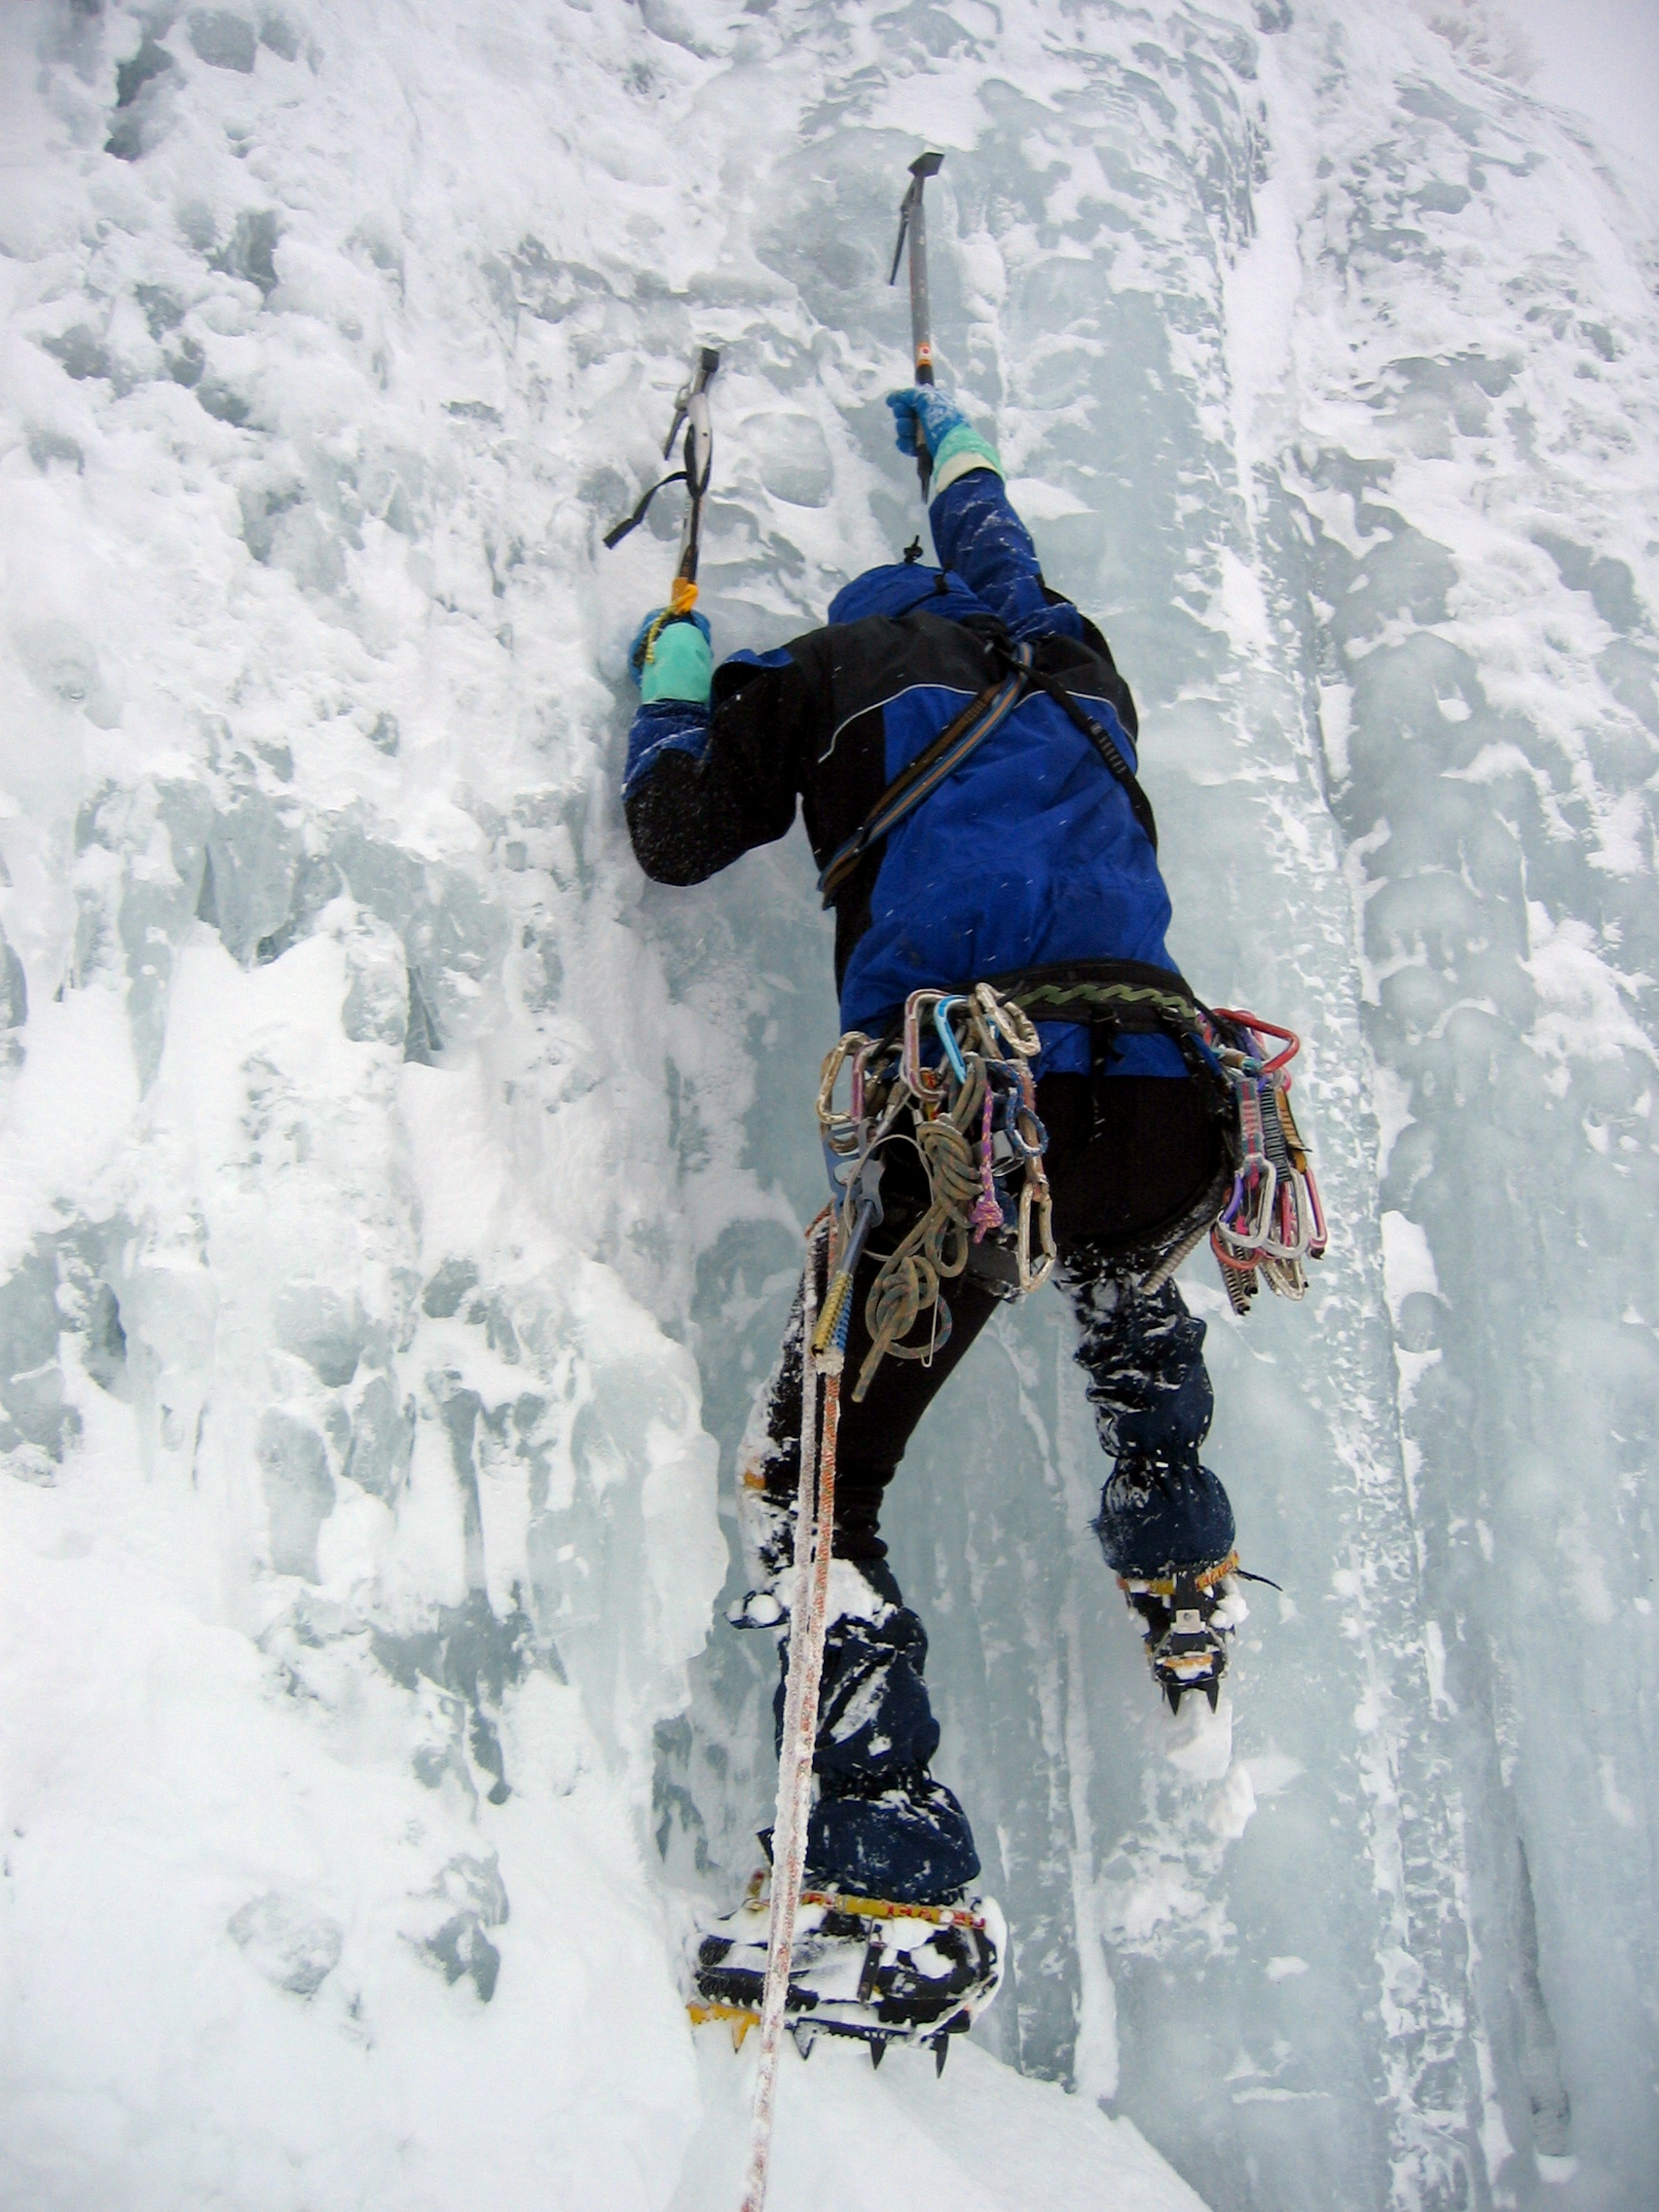 4d3caf9069 Escalada en hielo - Wikipedia, la enciclopedia libre